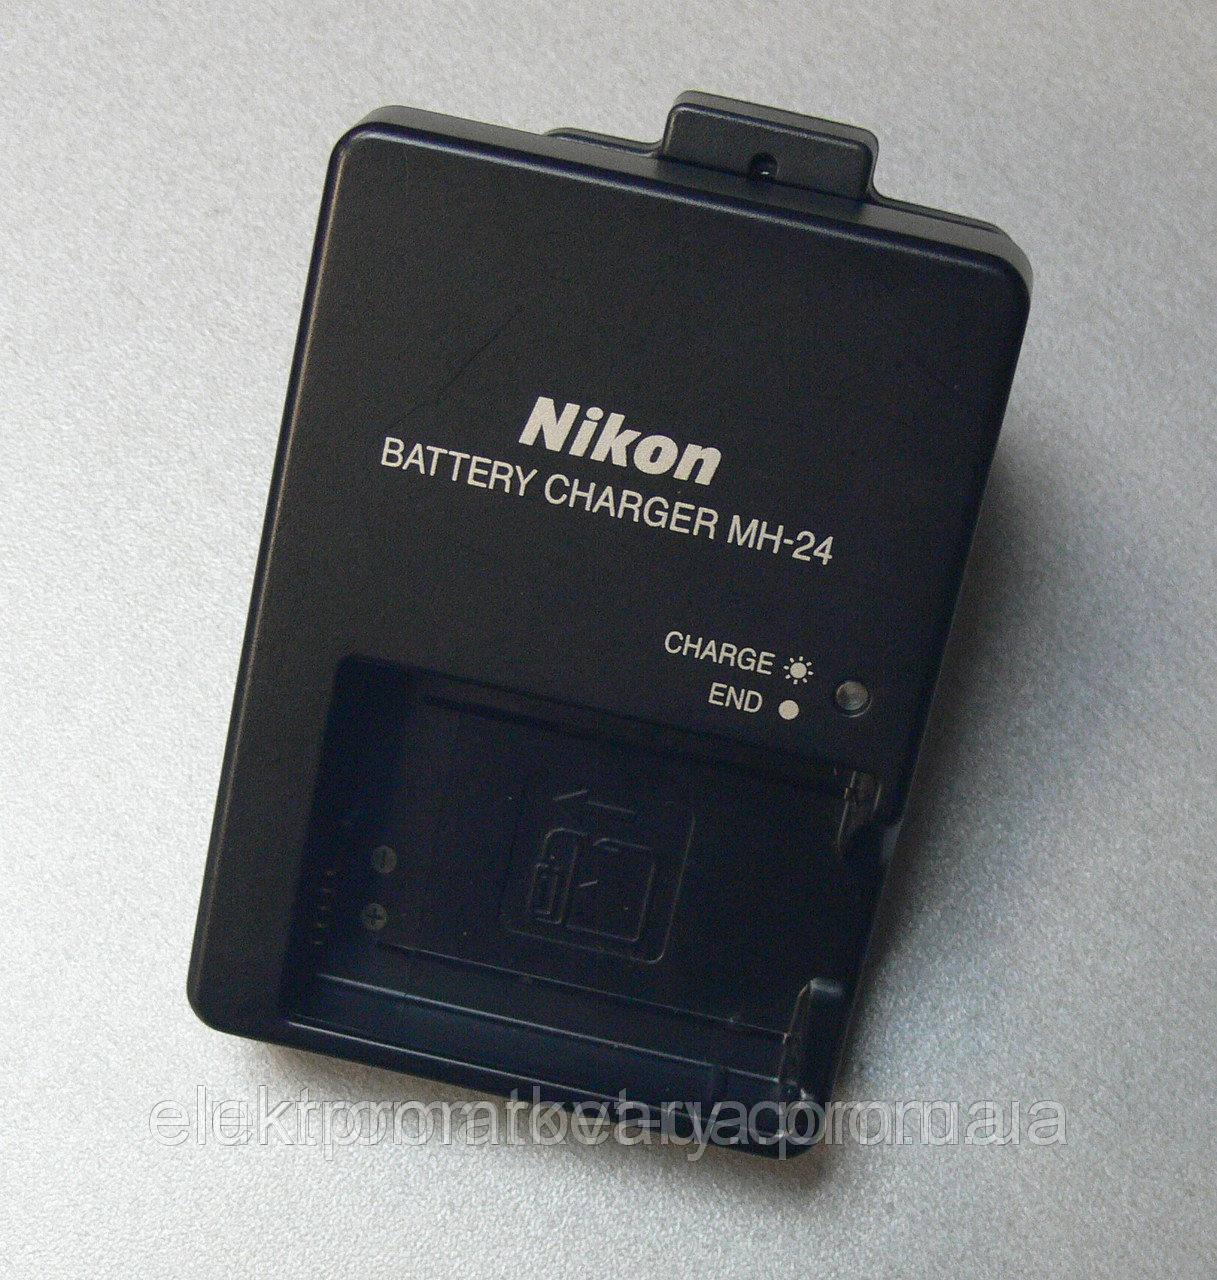 Зарядное устройство Nikon MH-24 EN-EL14 оригинал